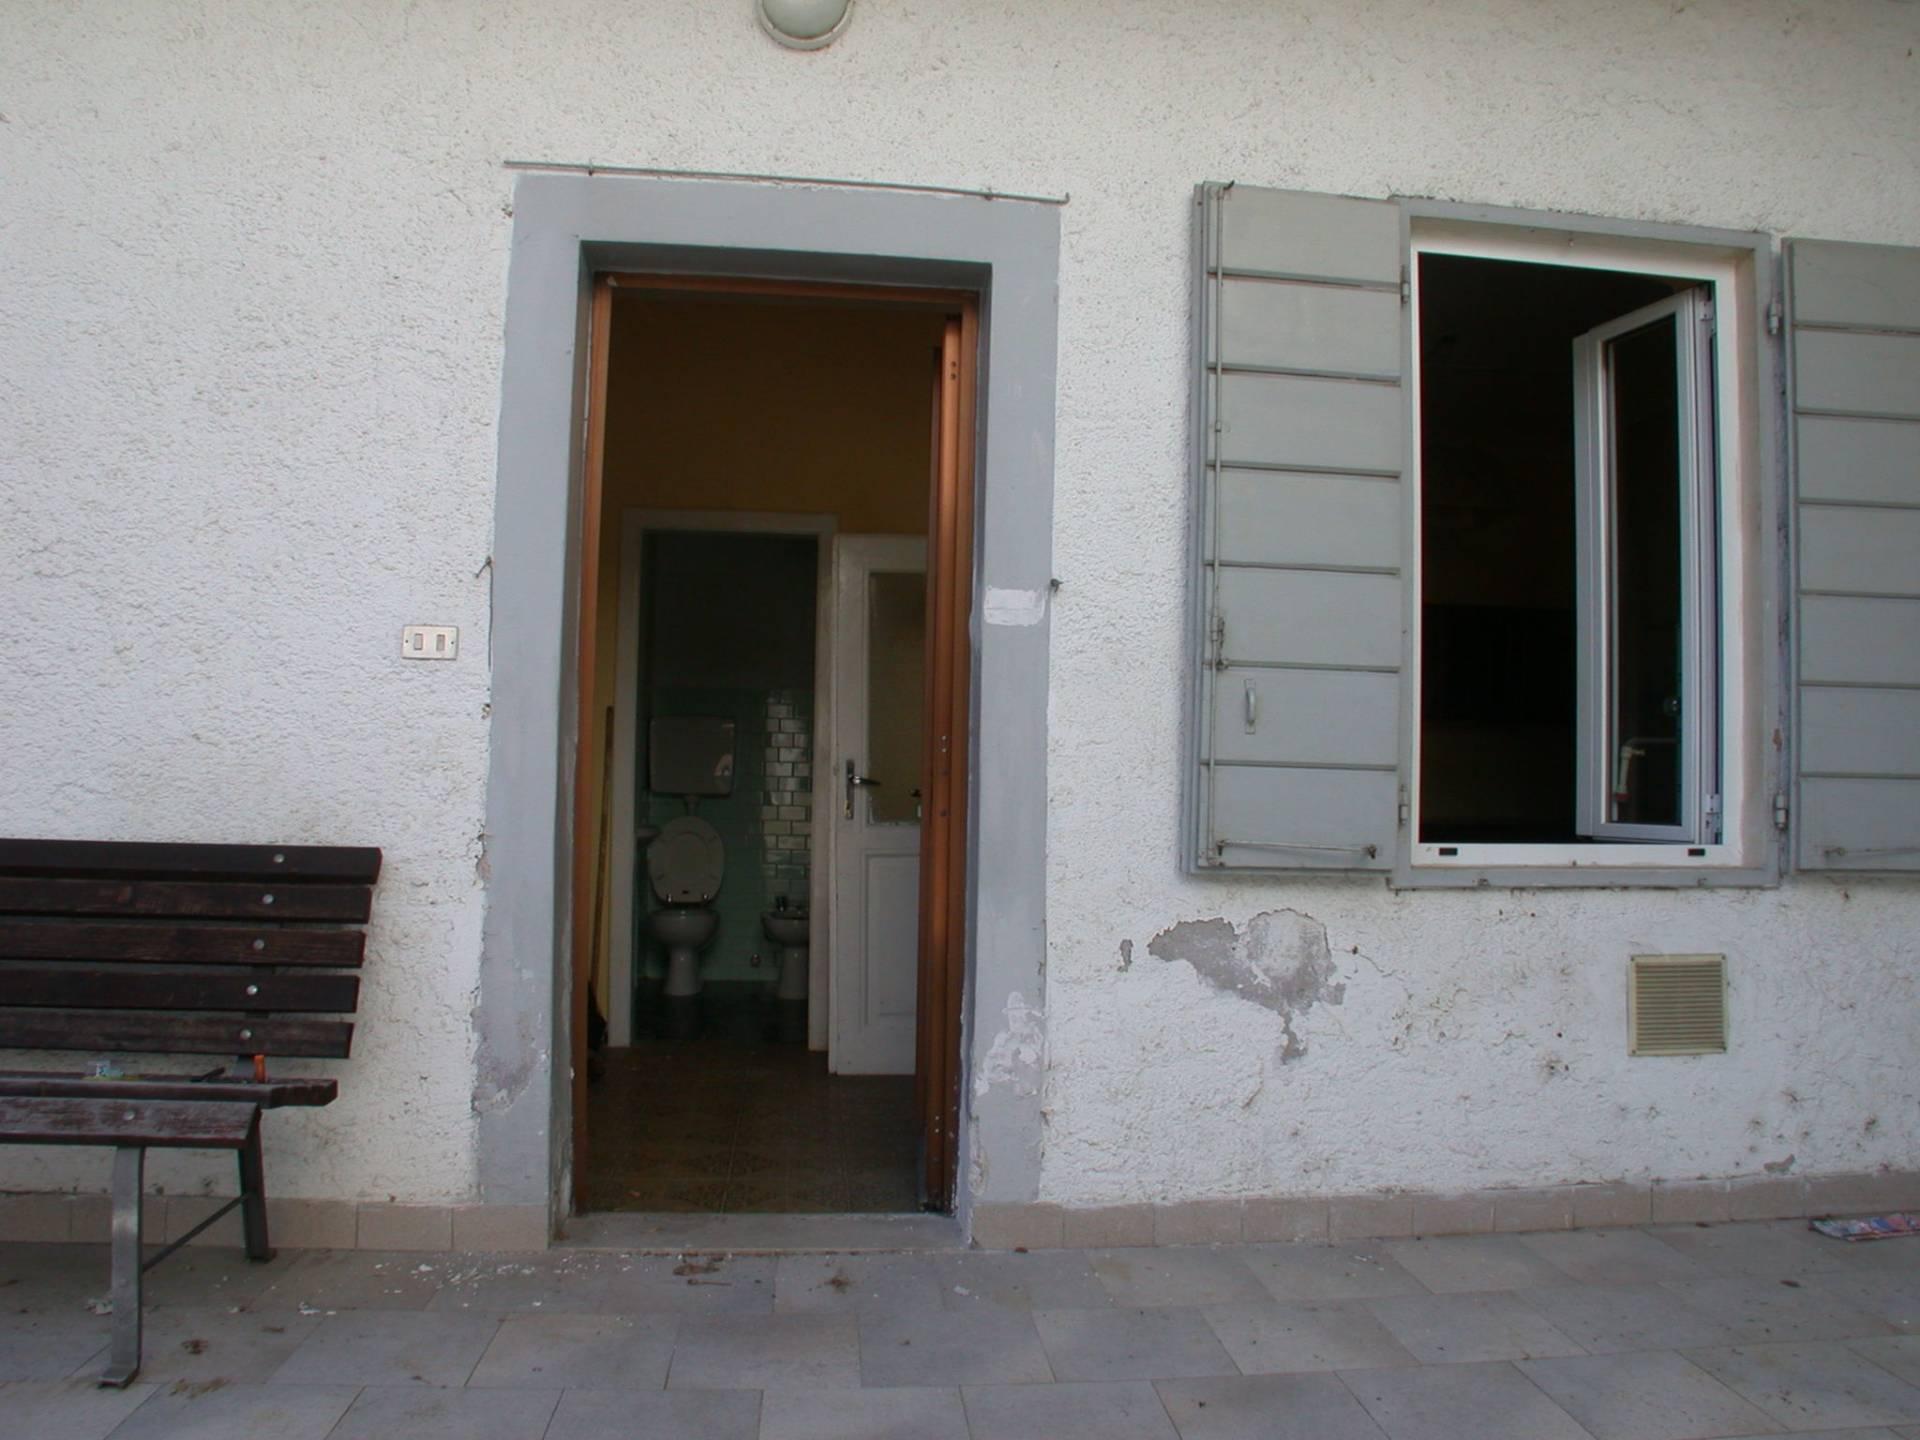 Appartamento in vendita a Gorizia, 3 locali, zona Zona: Lucinico, prezzo € 35.000 | CambioCasa.it